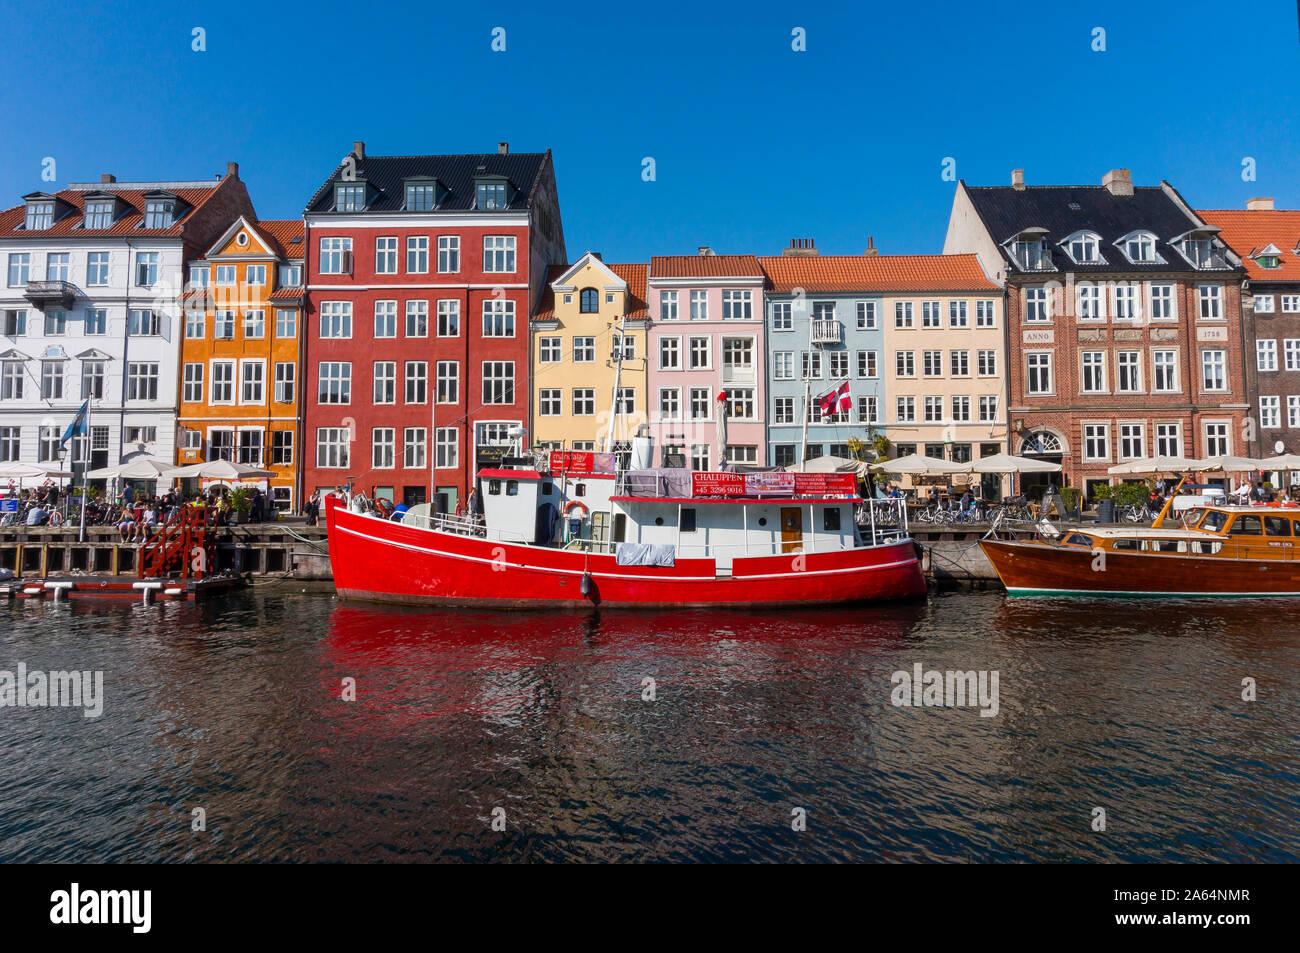 Vista del viejo puerto Nyhavn en el centro de Copenhague, Dinamarca. Disfrute de la bella Copenhague a través de los canales históricos de la ciudad Foto de stock